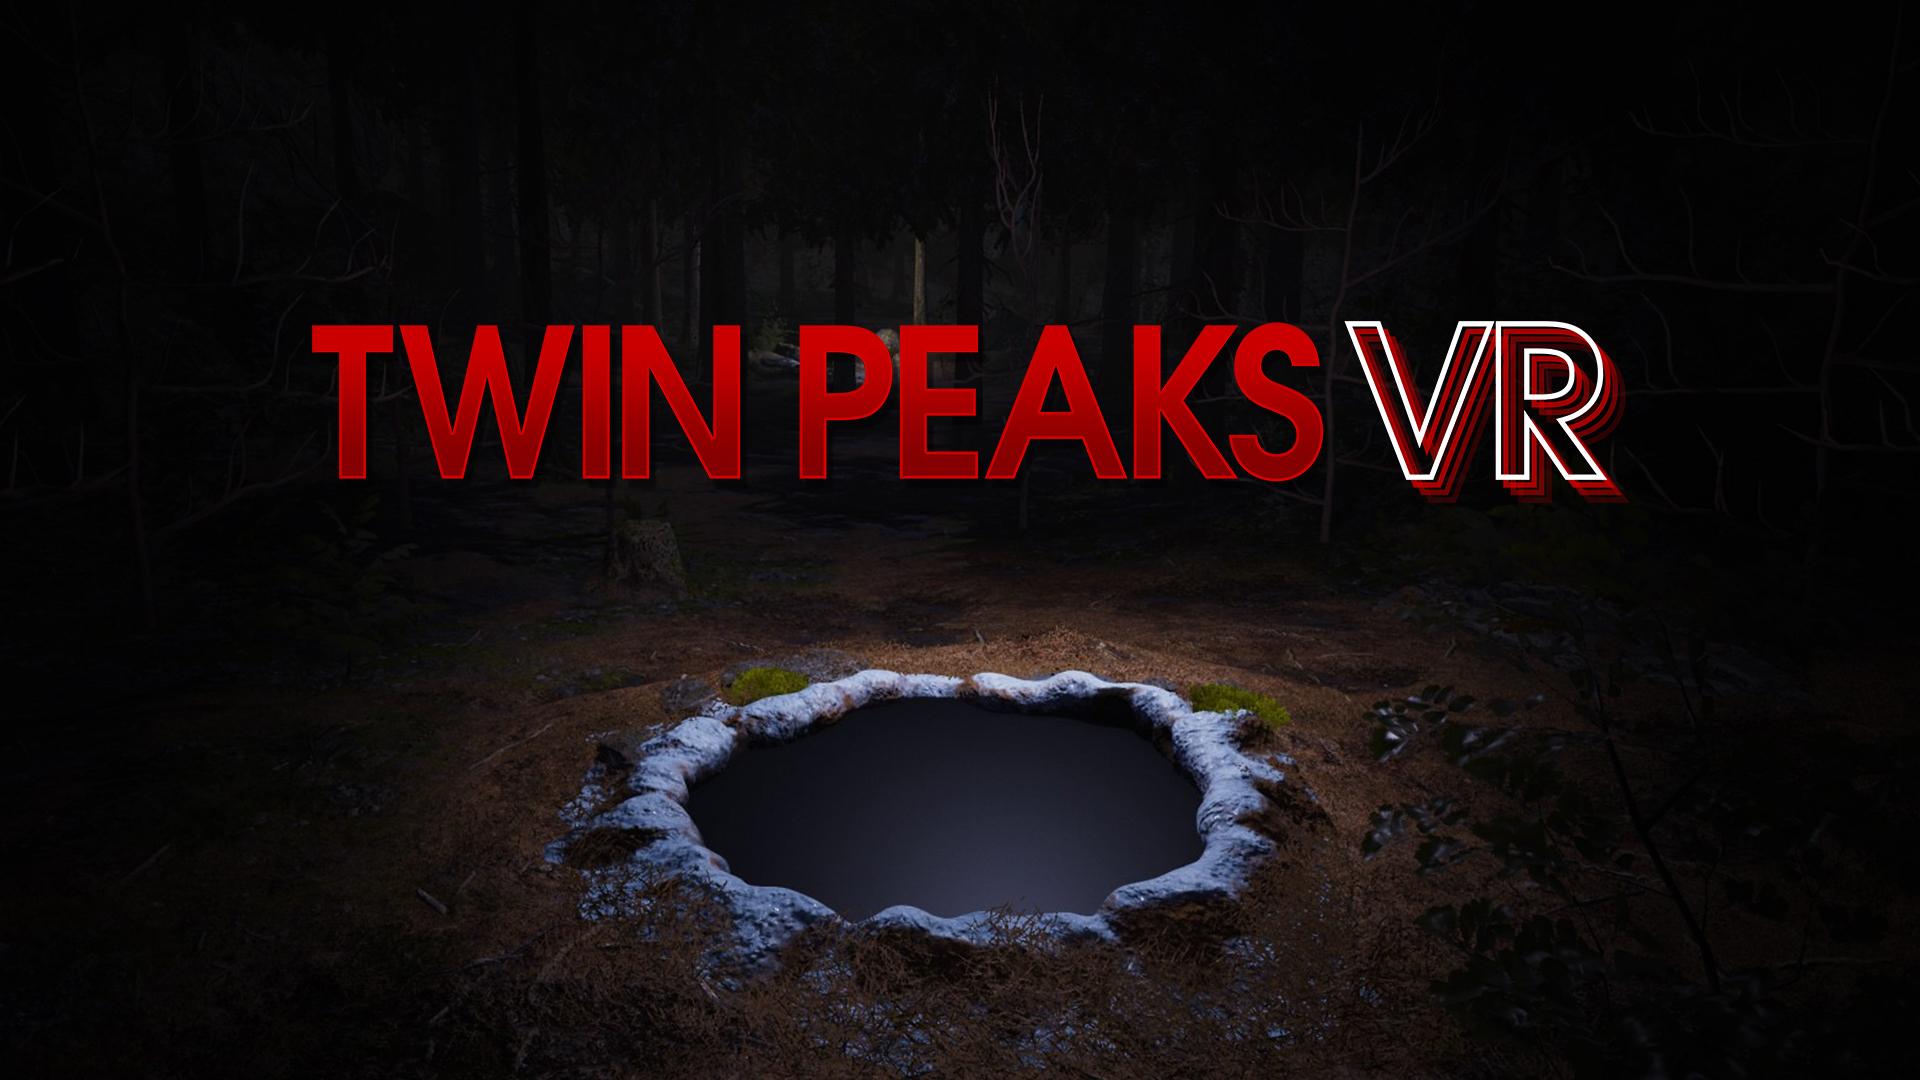 Twin Peaks VR, la serie de televisión llevada al mundo de la realidad virtual